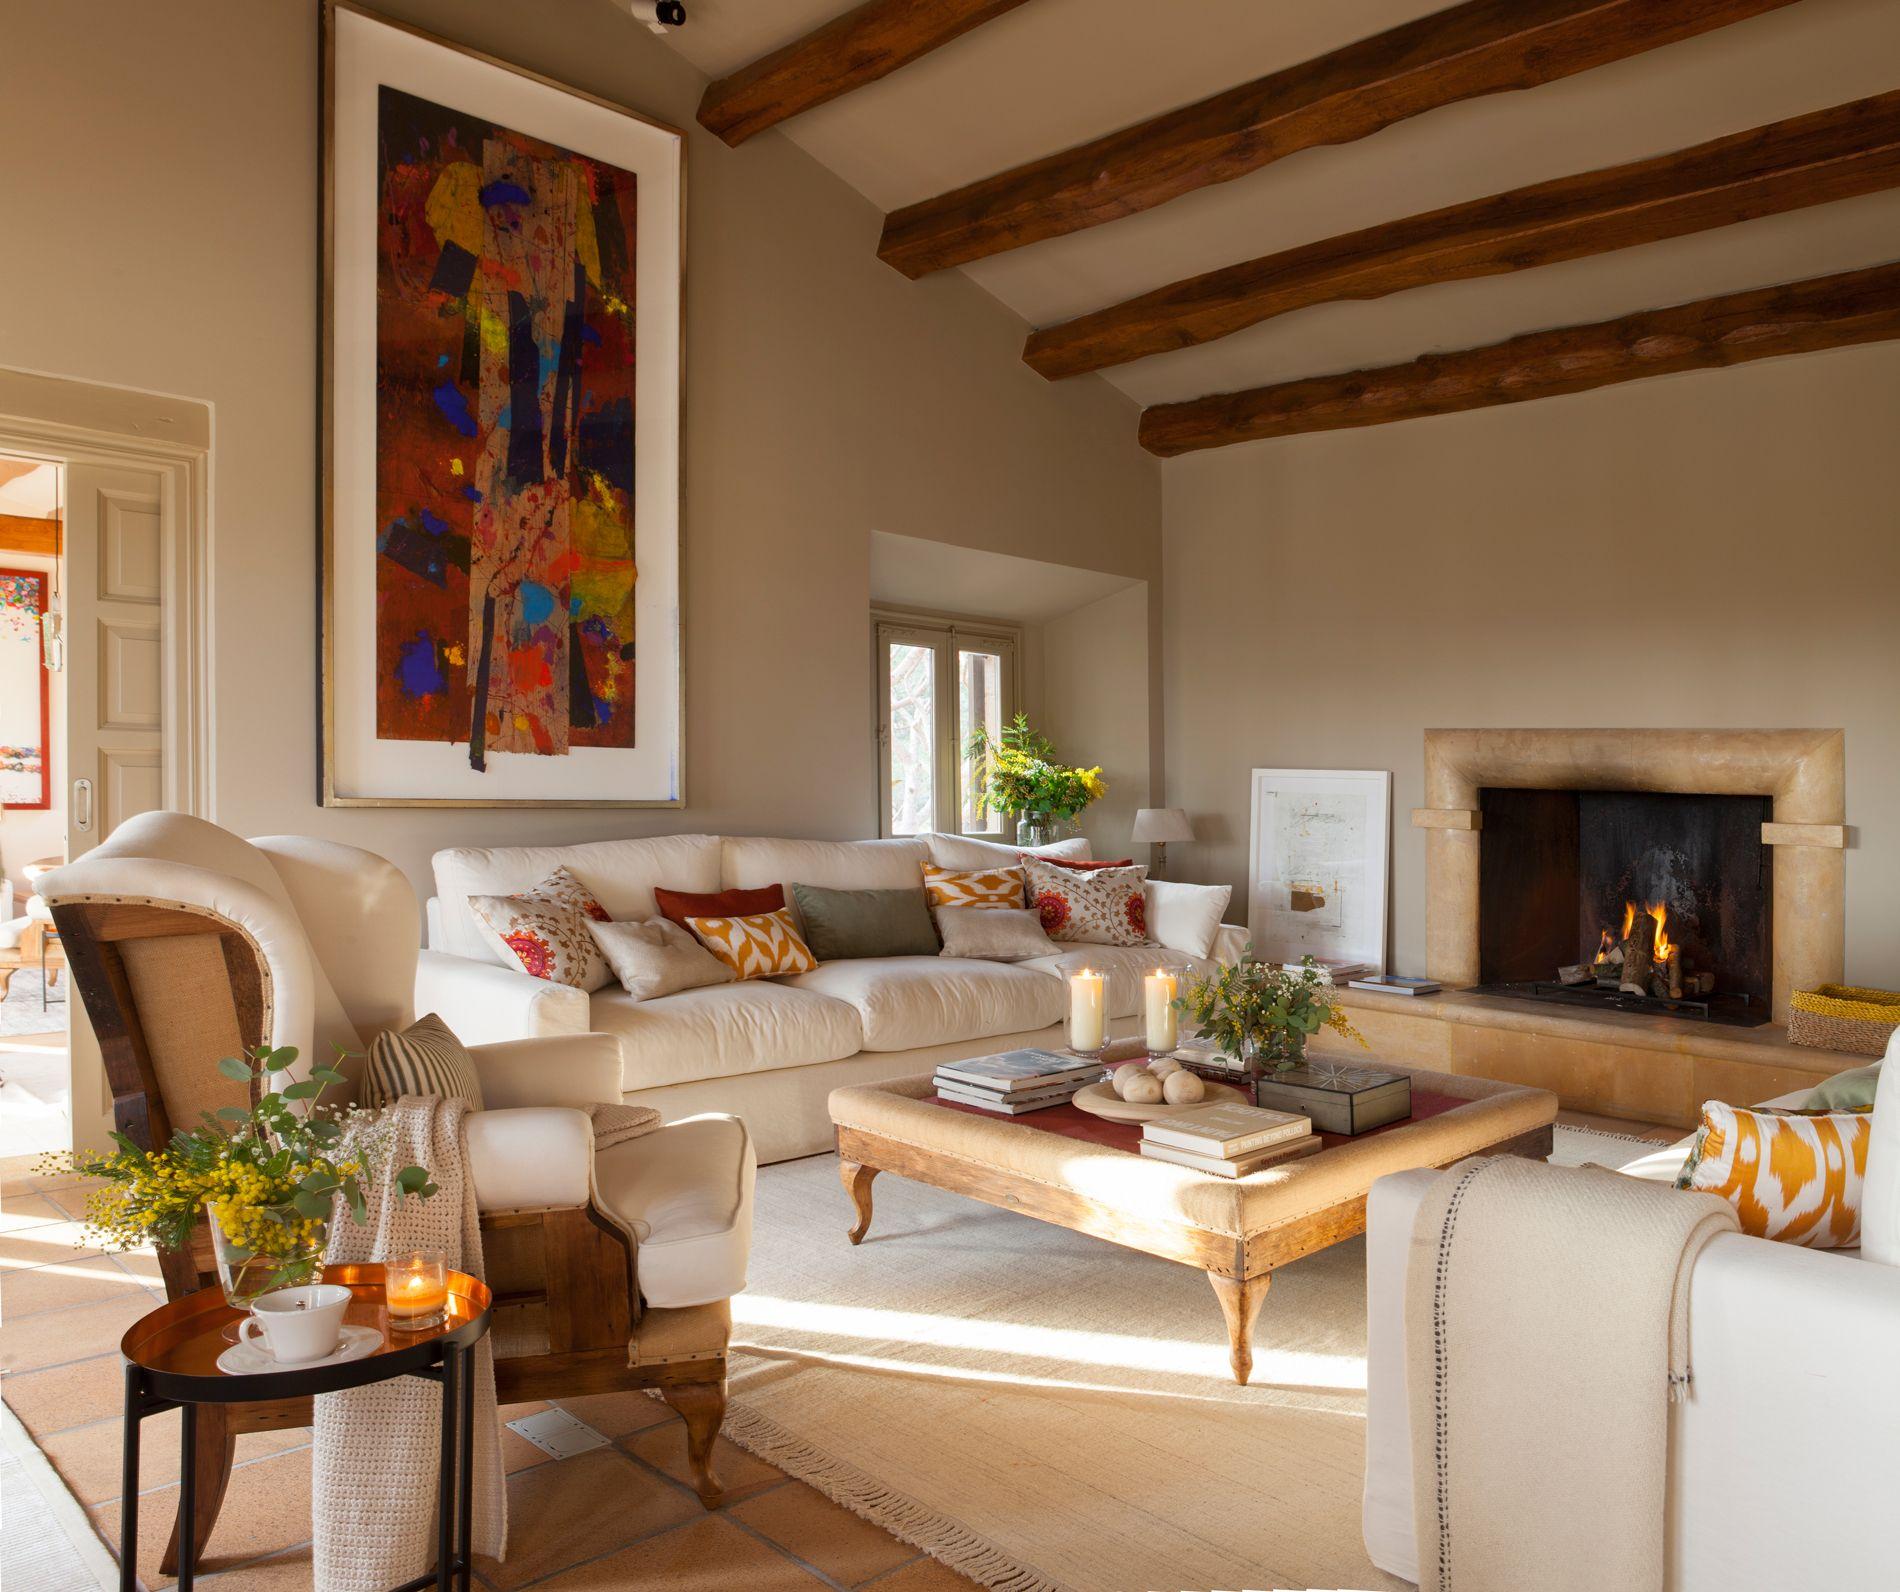 00425530 o living room salon con chimenea salones i - Decoracion chimeneas salon ...